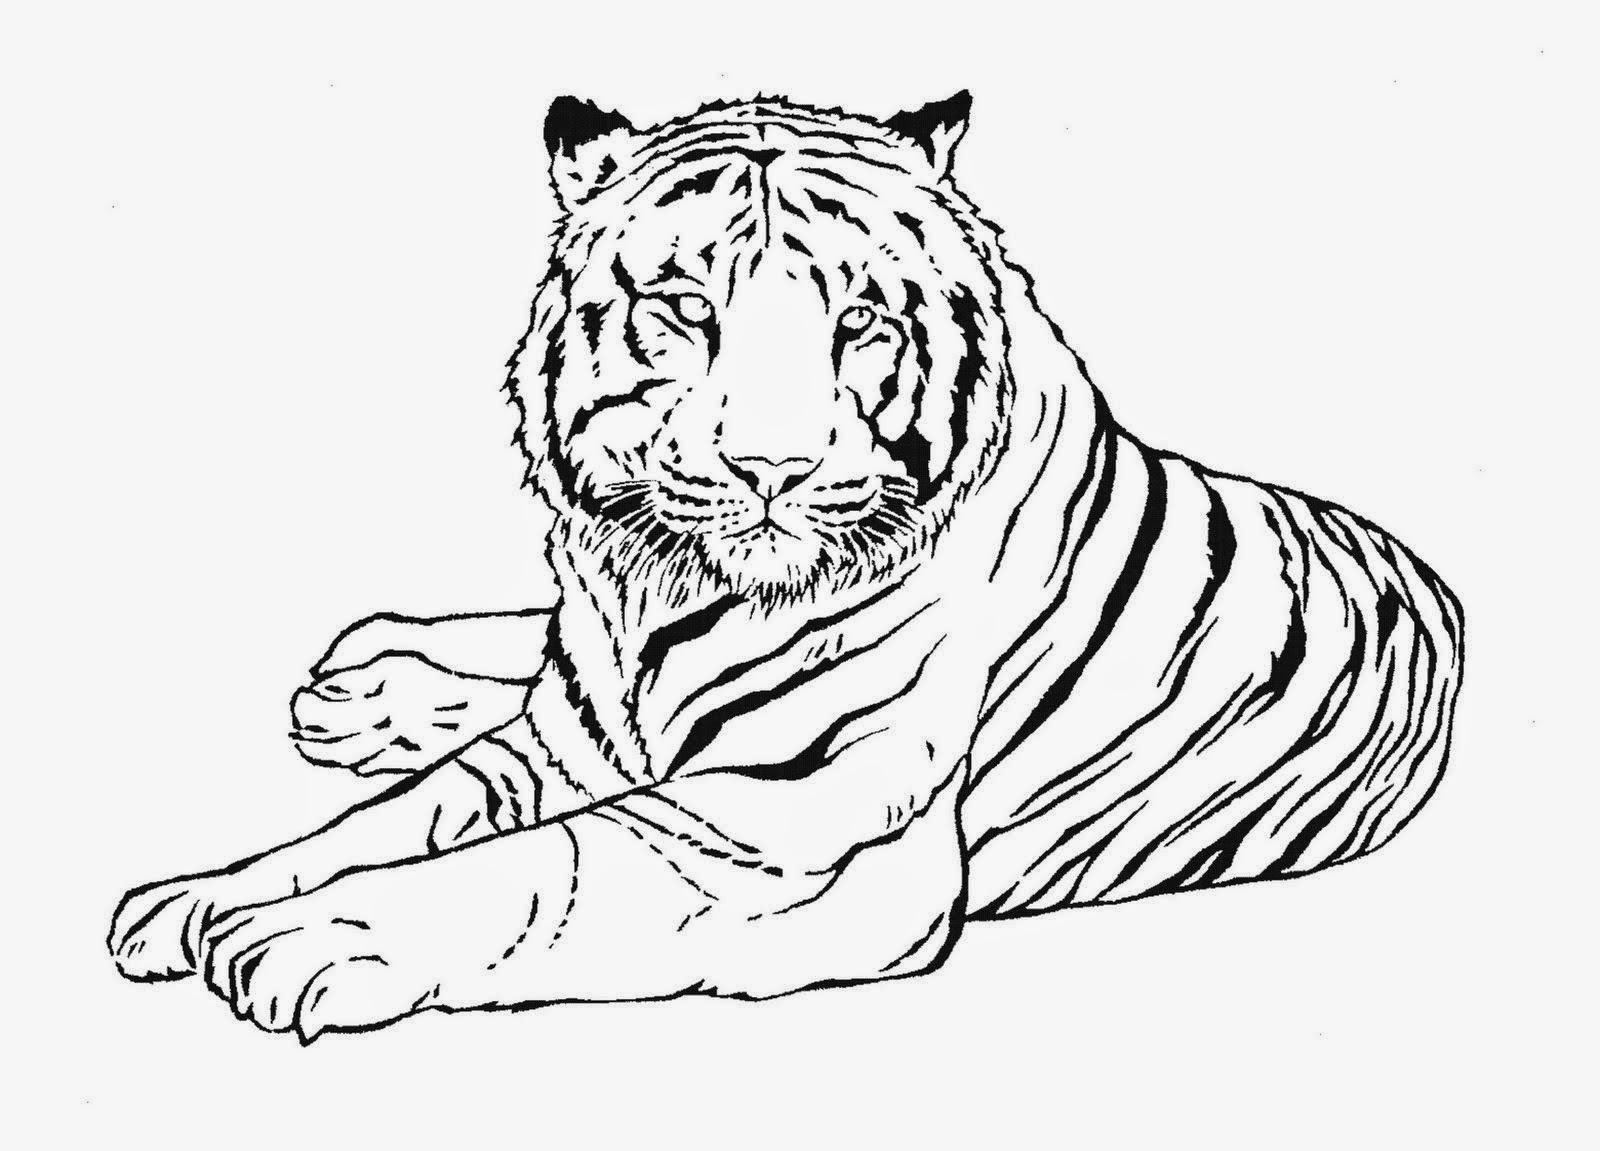 Dibujos De Caras De Tigres Para Colorear: La Chachipedia: Dibujos De Tigres Para Colorear Y Para